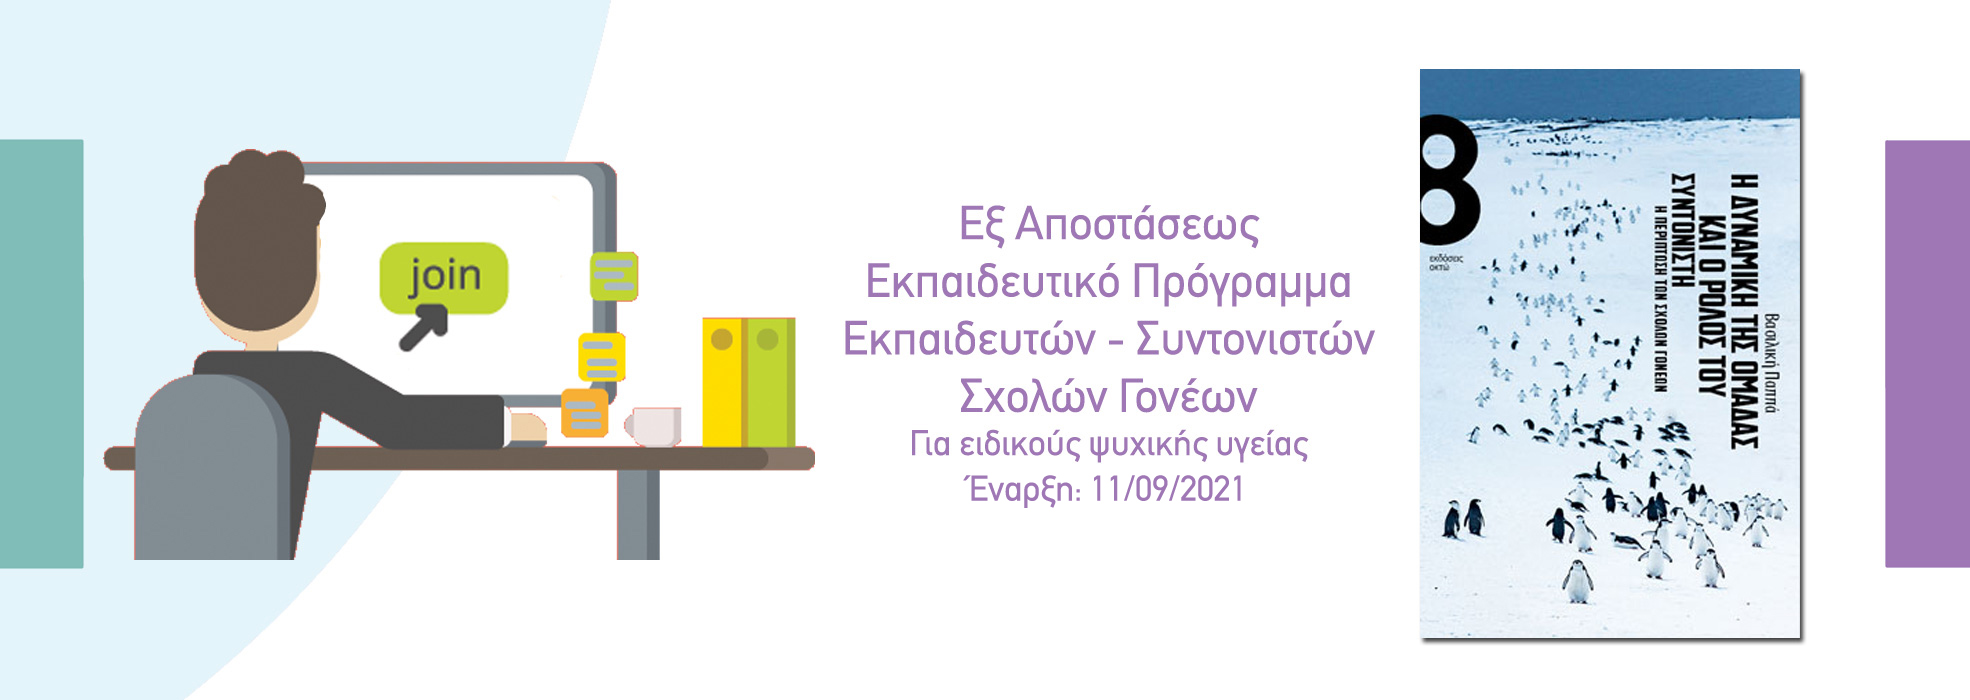 Εξ Αποστάσεως Εκπαιδευτικό Πρόγραμμα Εκπαιδευτών - Συντονιστών Σχολών Γονέων